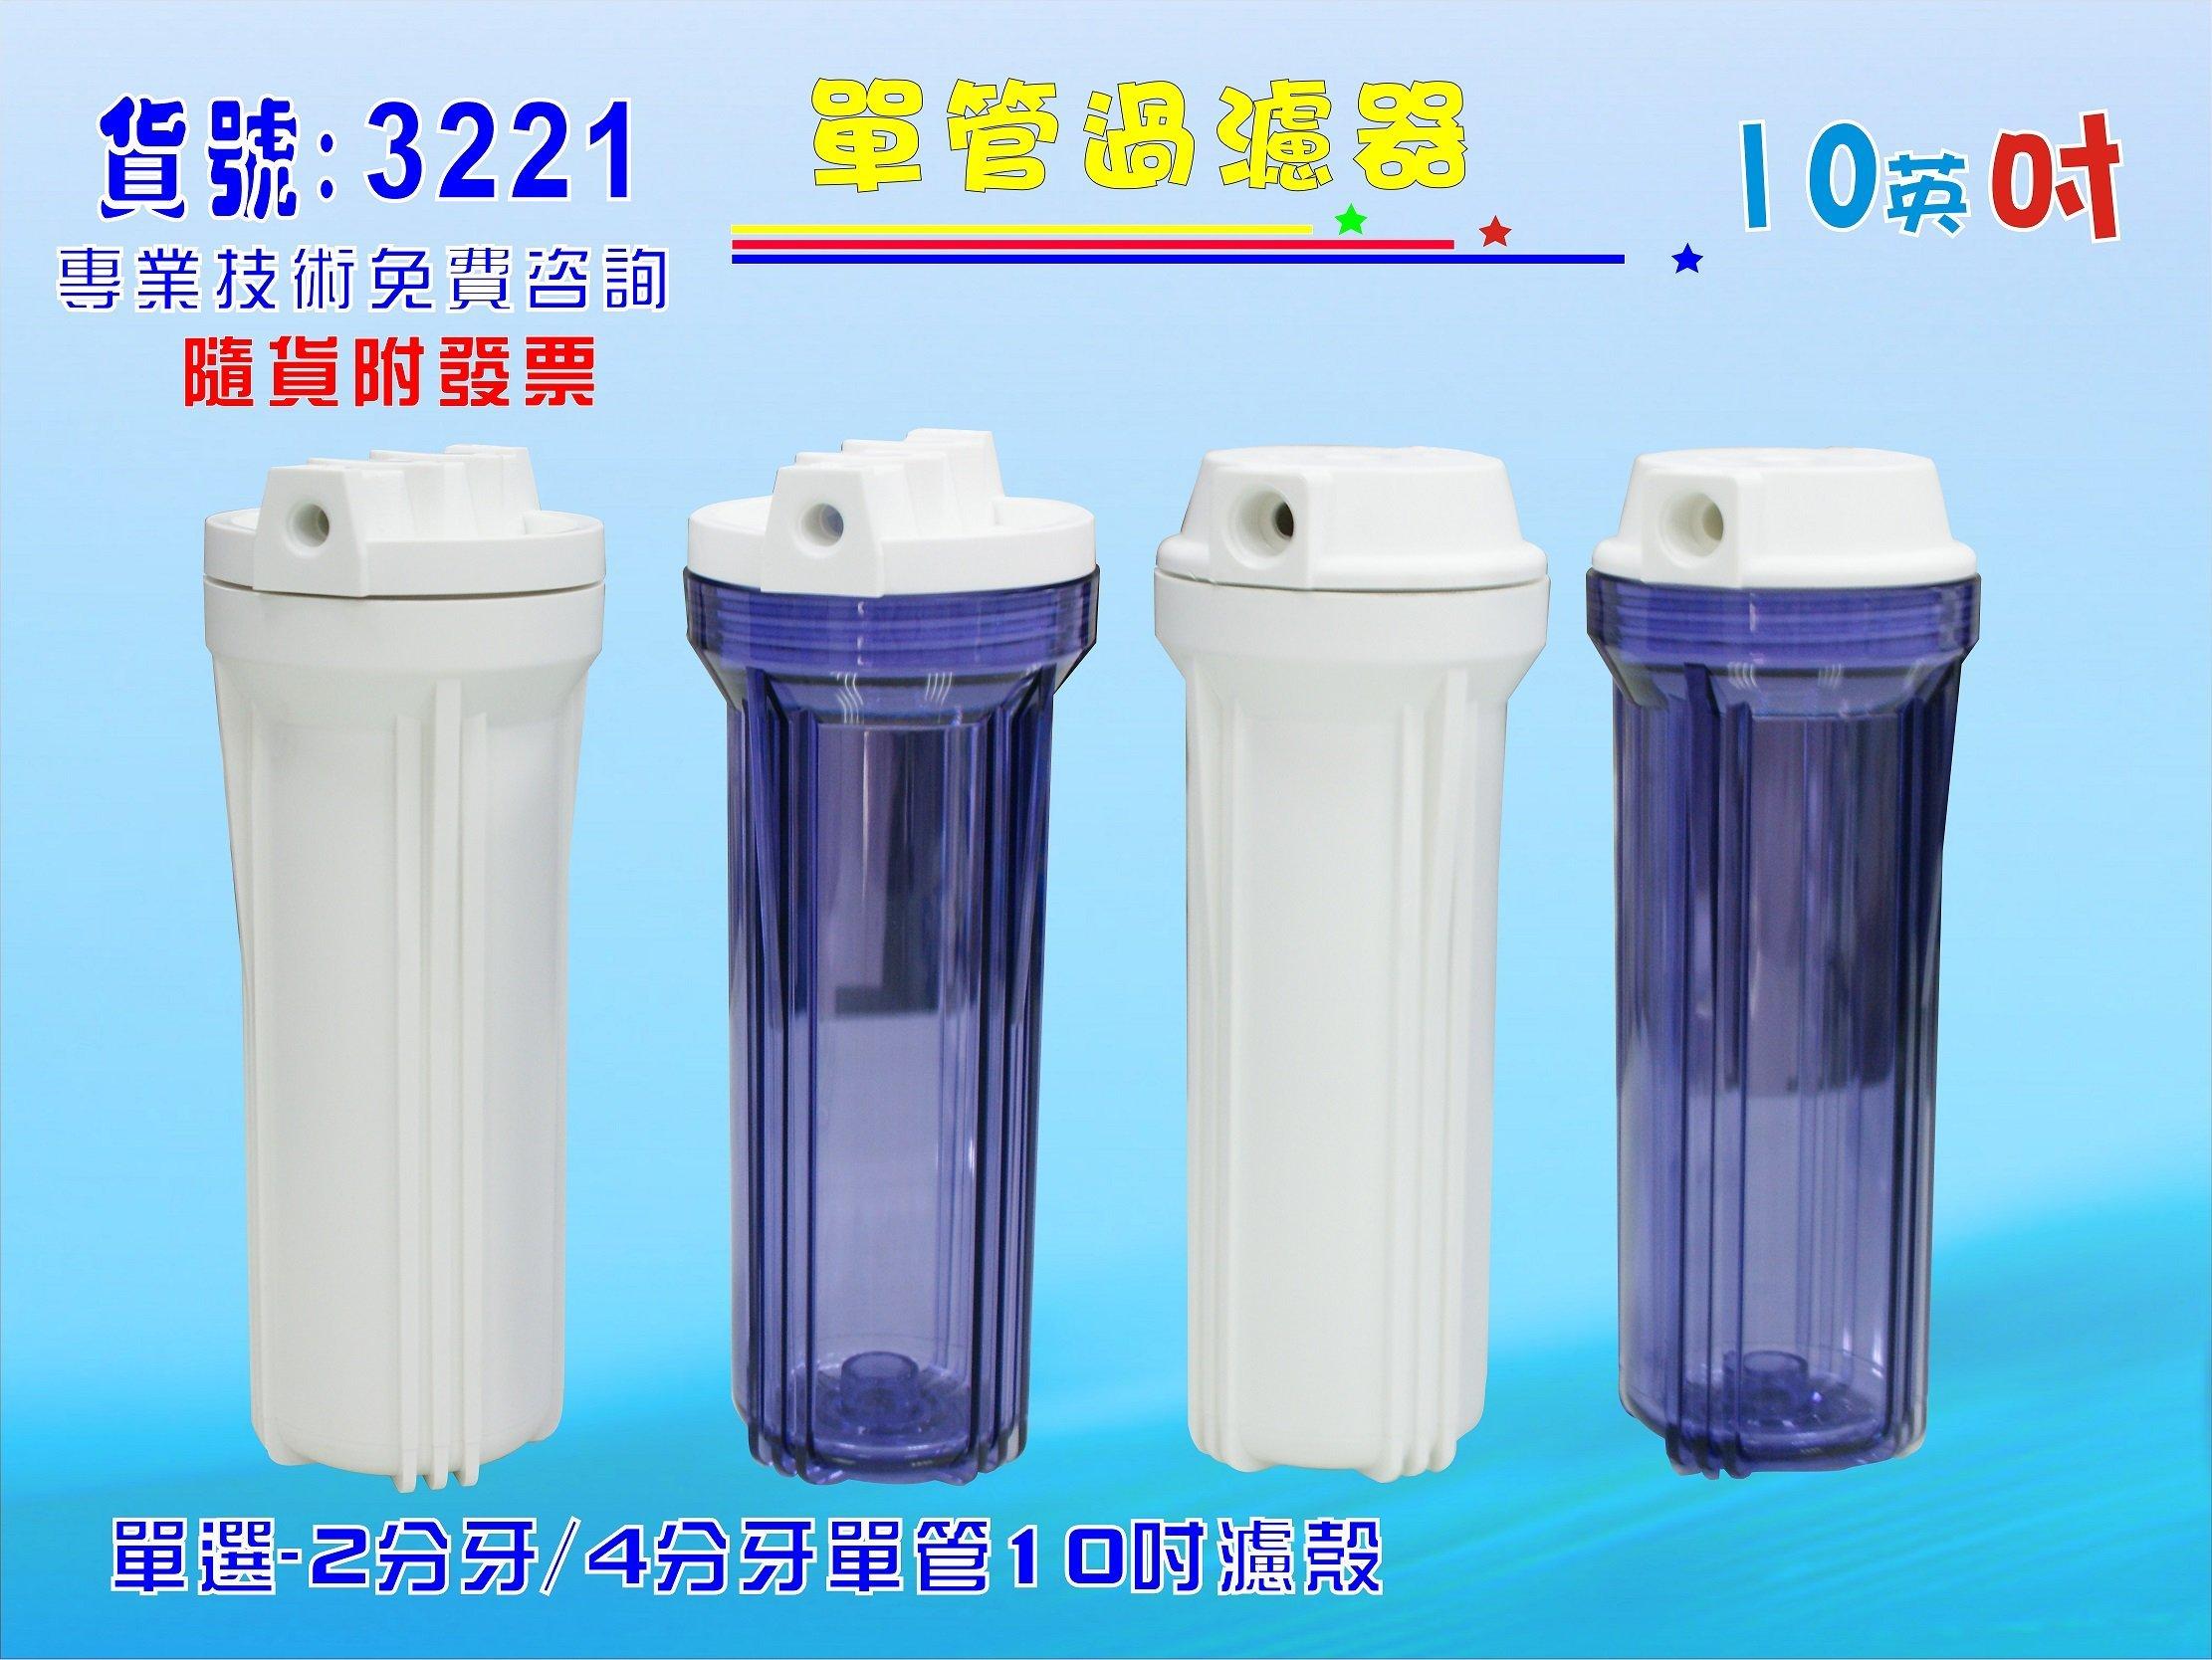 淨水器1 0英吋濾殼1支100白鐵304吊片.RO濾水器.魚缸濾水.電解水機.水塔過濾器貨號:3221【七星淨水】